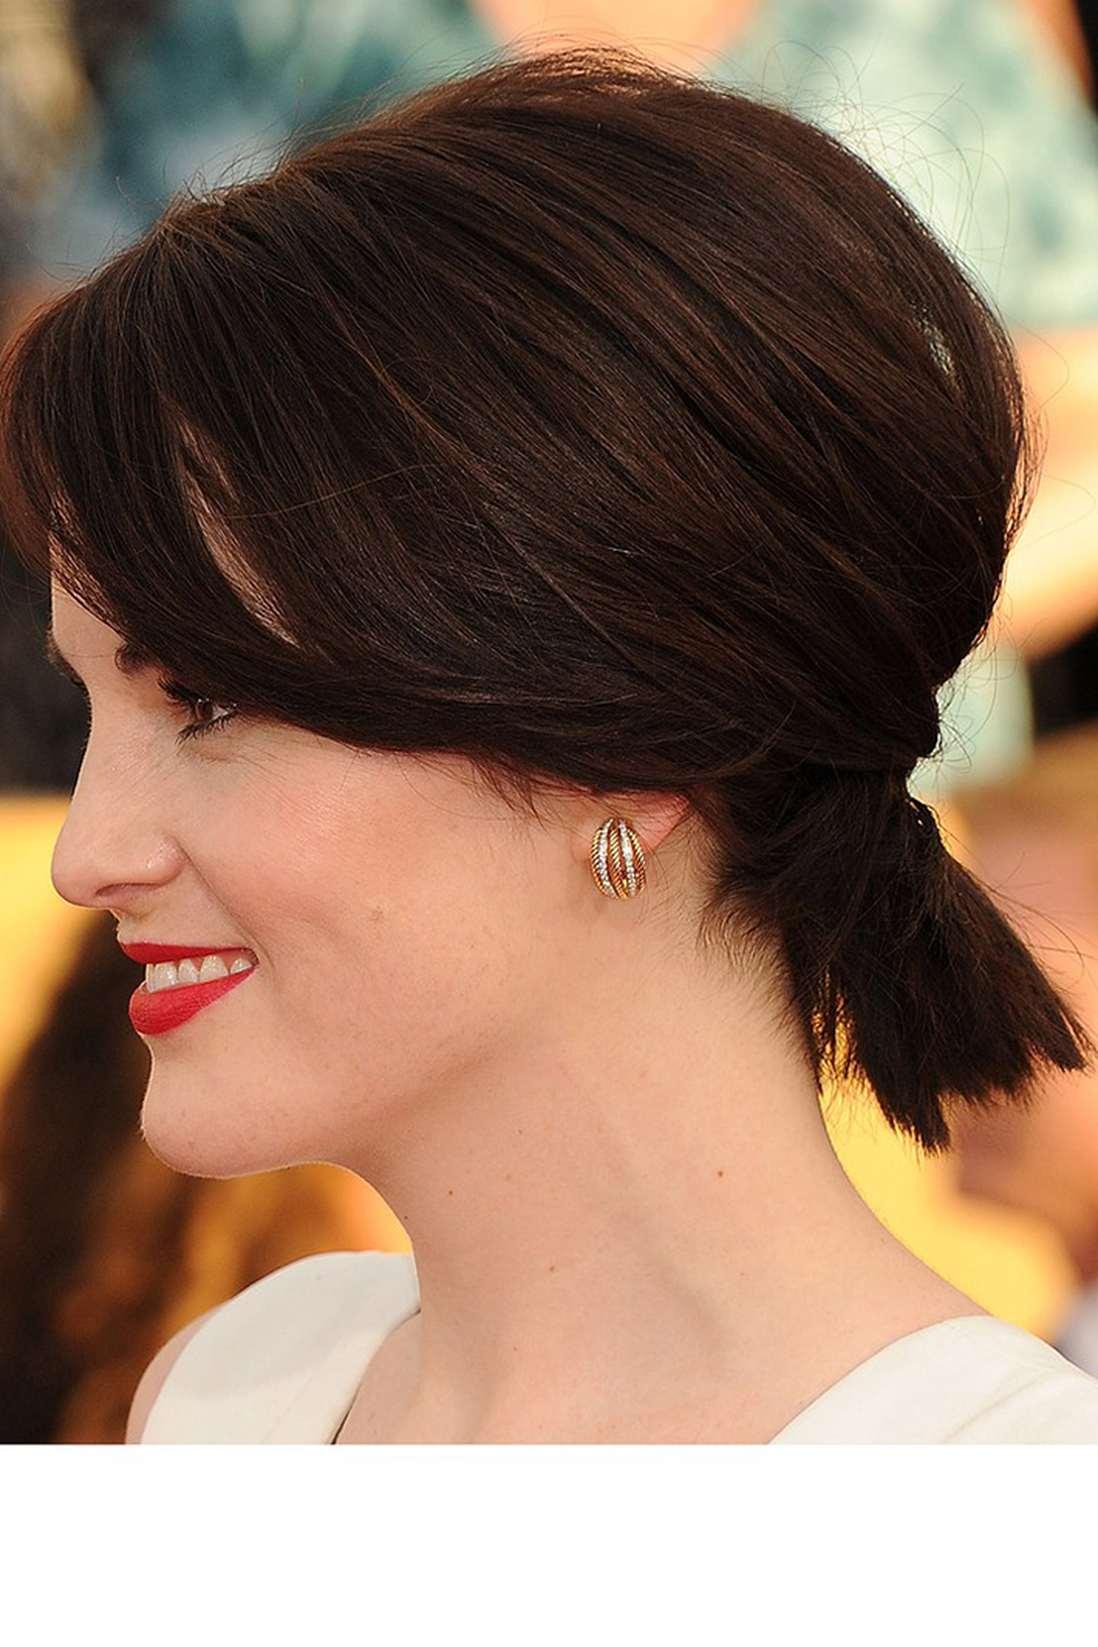 Прически на хвосту с короткими волосами